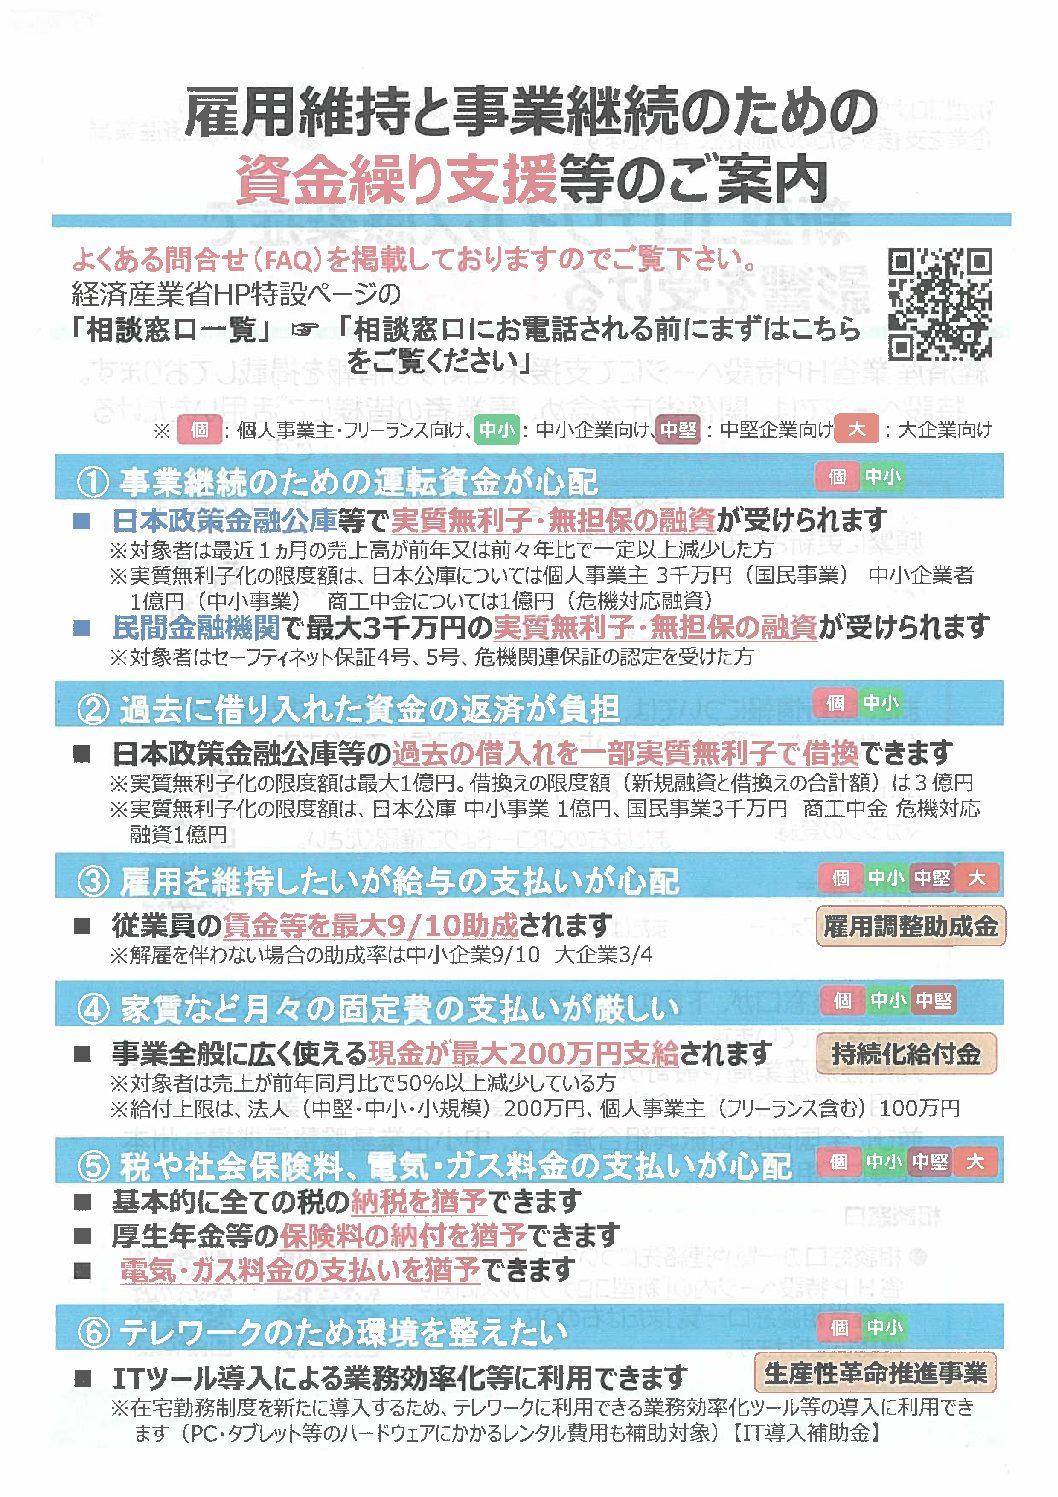 【経営支援】雇用維持と事業継続のための資金繰り支援等のご案内(九州経済産業局)